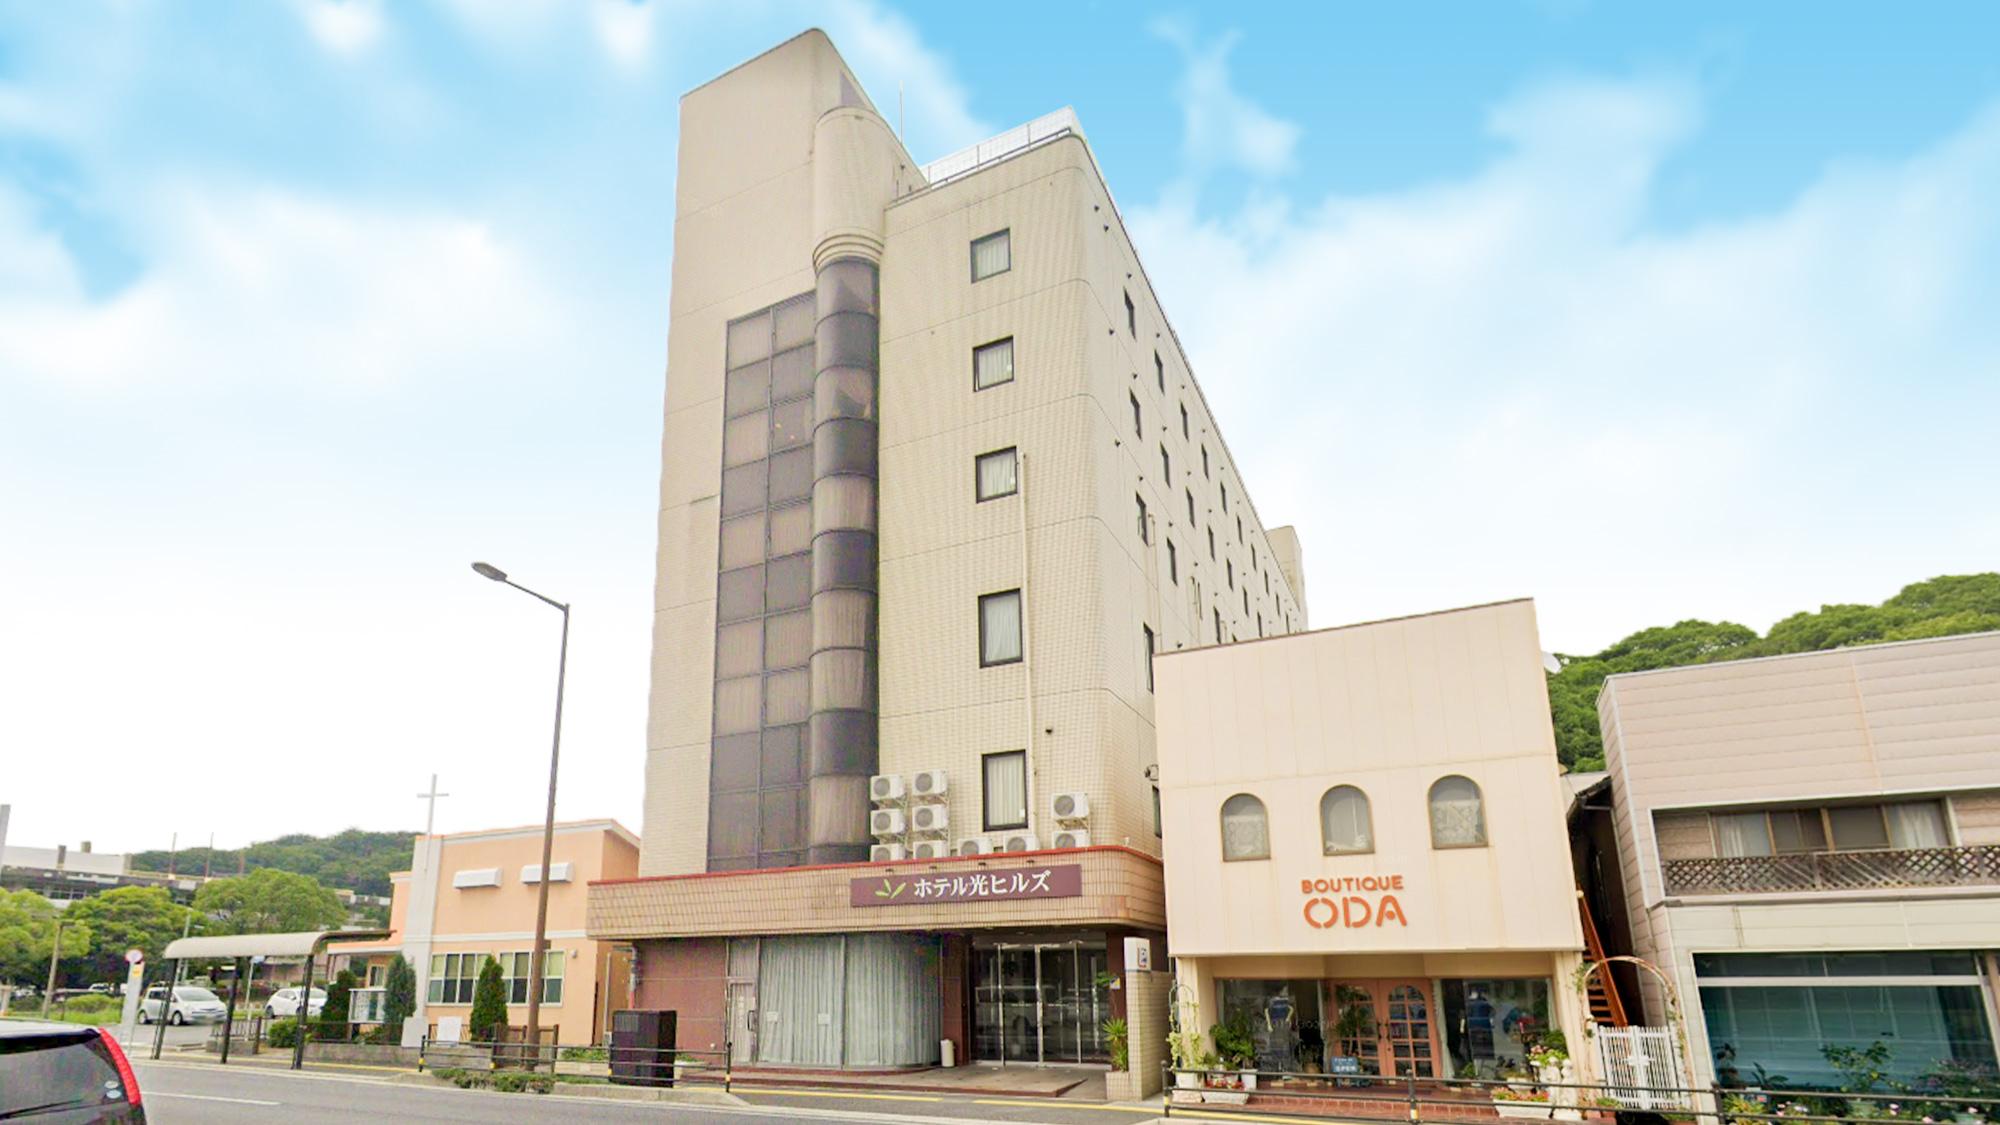 ホテル光ヒルズ 旧)光オリエンタルホテル(BBHグループホテル) image